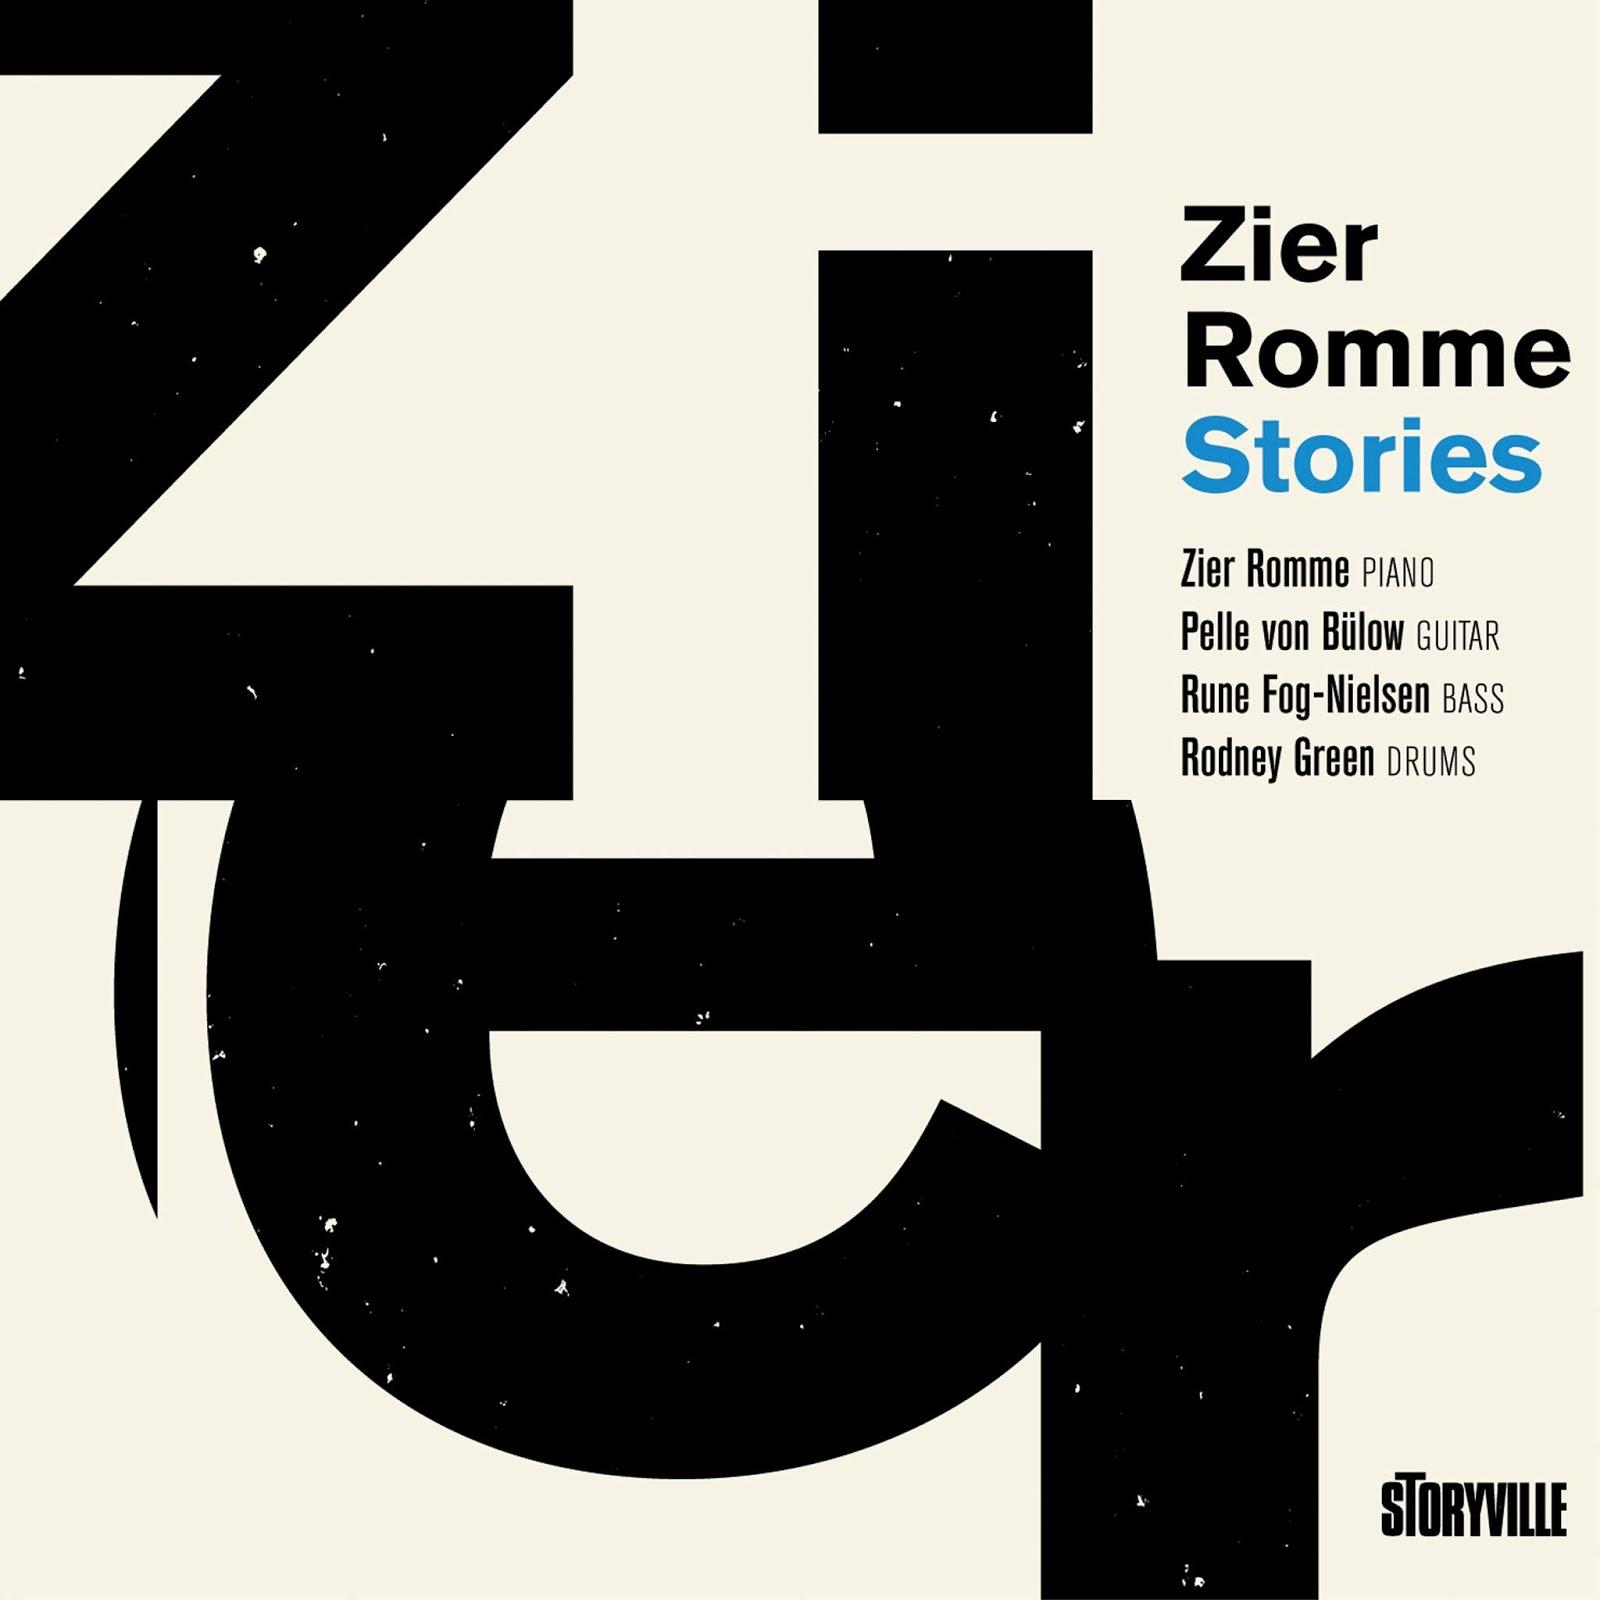 bb7c9cf5d02 Der er med kort mellemrum kommet et par plader, hvor pianisten Zier Romme  Larsen indtager nogle centrale roller. Den første bærer Zier Rommes navn og  er en ...